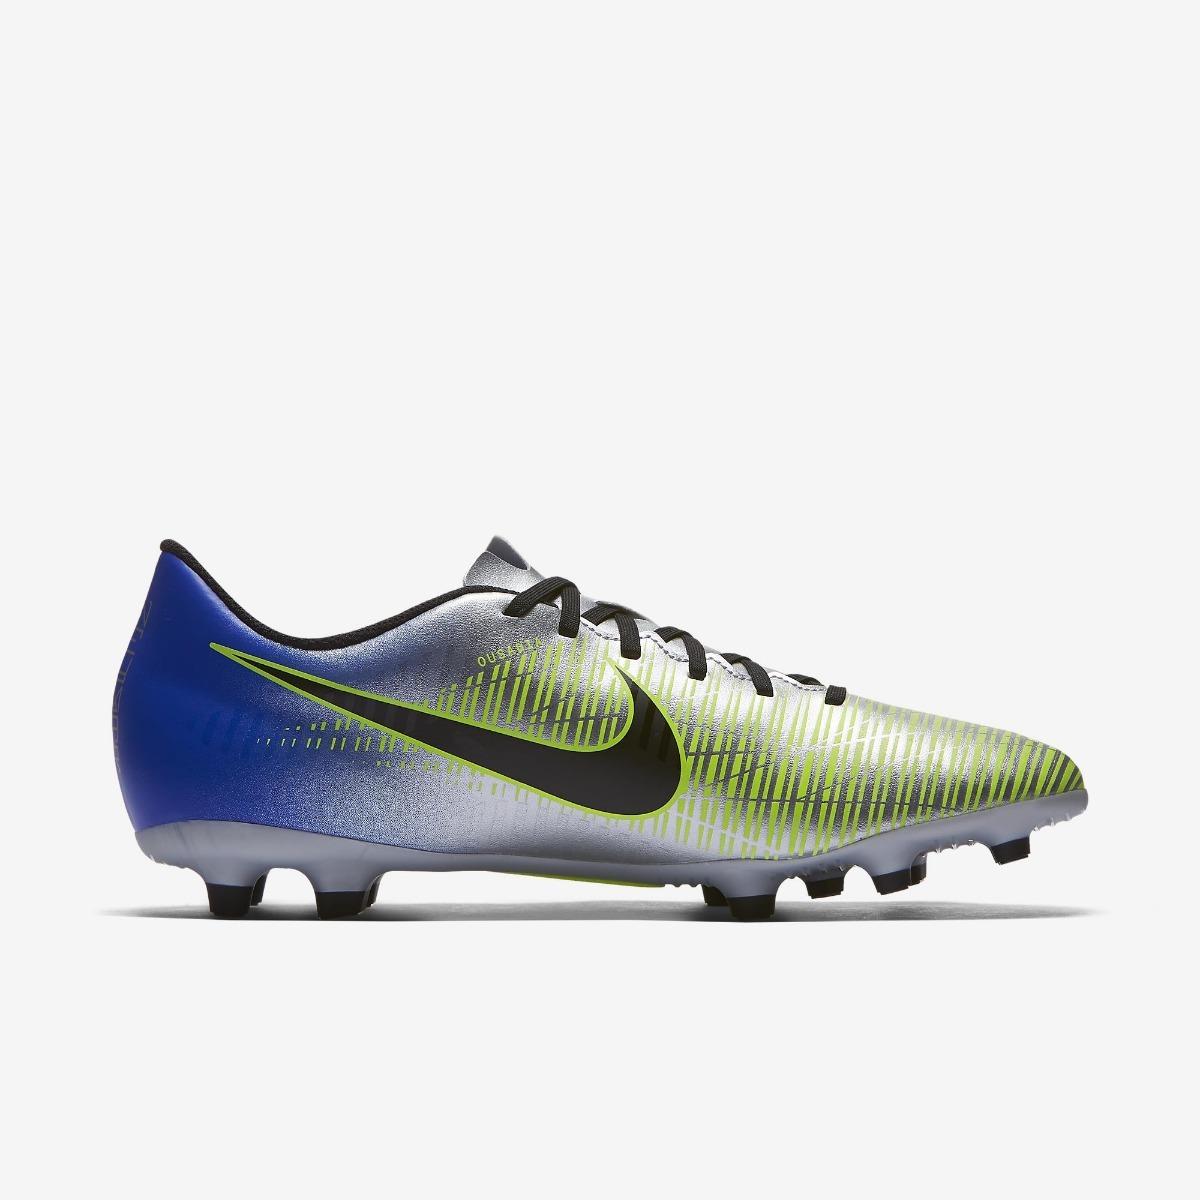 Chuteira Nike Mercurial Vortex Njr Iii Fg - Campo - Original - R ... 747cdf71cb3eb